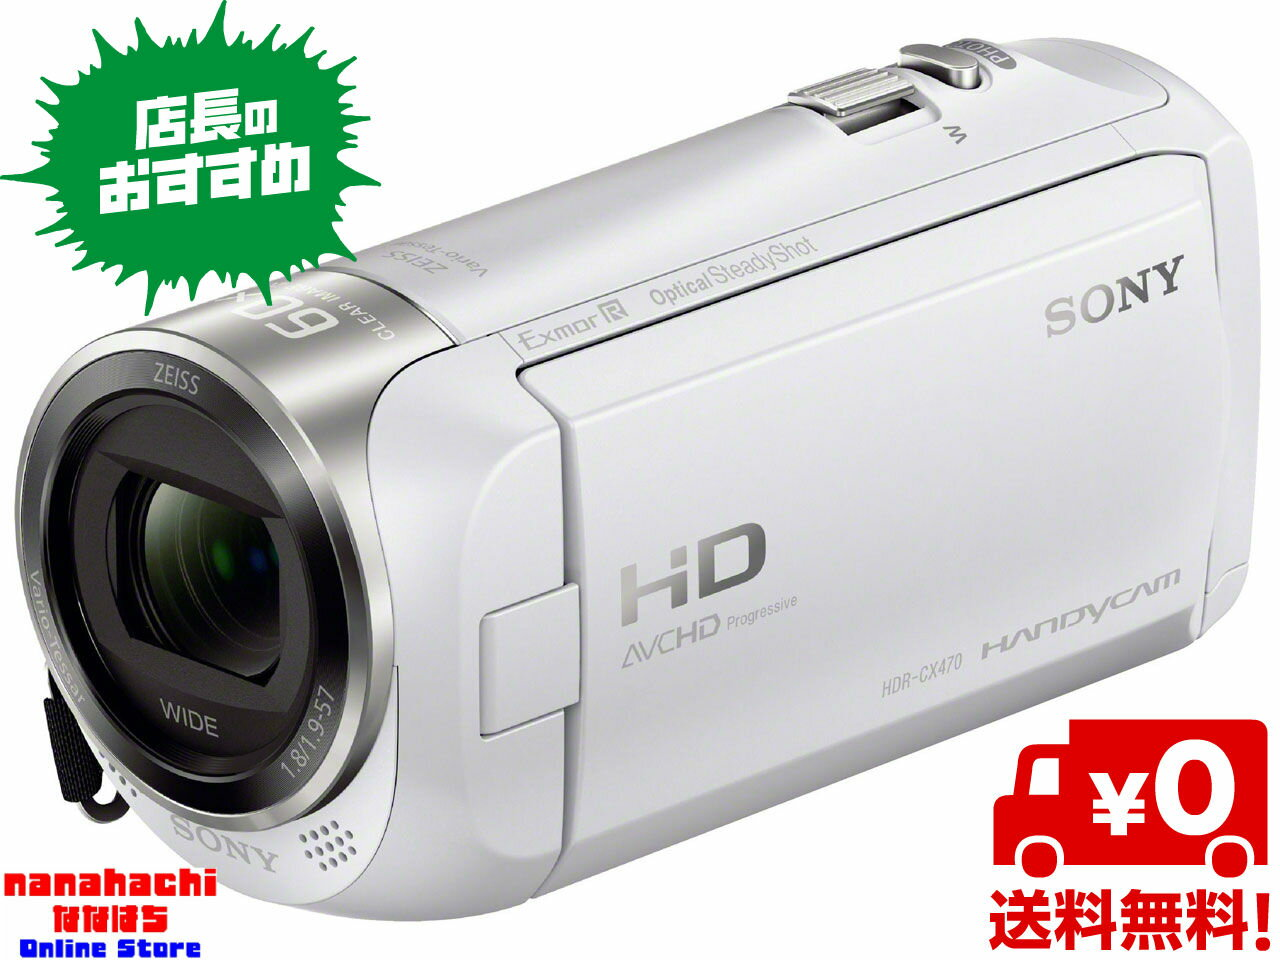 【あす楽対応】【送料無料】SONYソニーハンディカム HDR-CX470-W ホワイト ハイビジョンも長時間記録、大容量32GBの内蔵メモリー■「光学式手ブレ補正インテリジェントアクティブモード」を搭載。【オススメ】